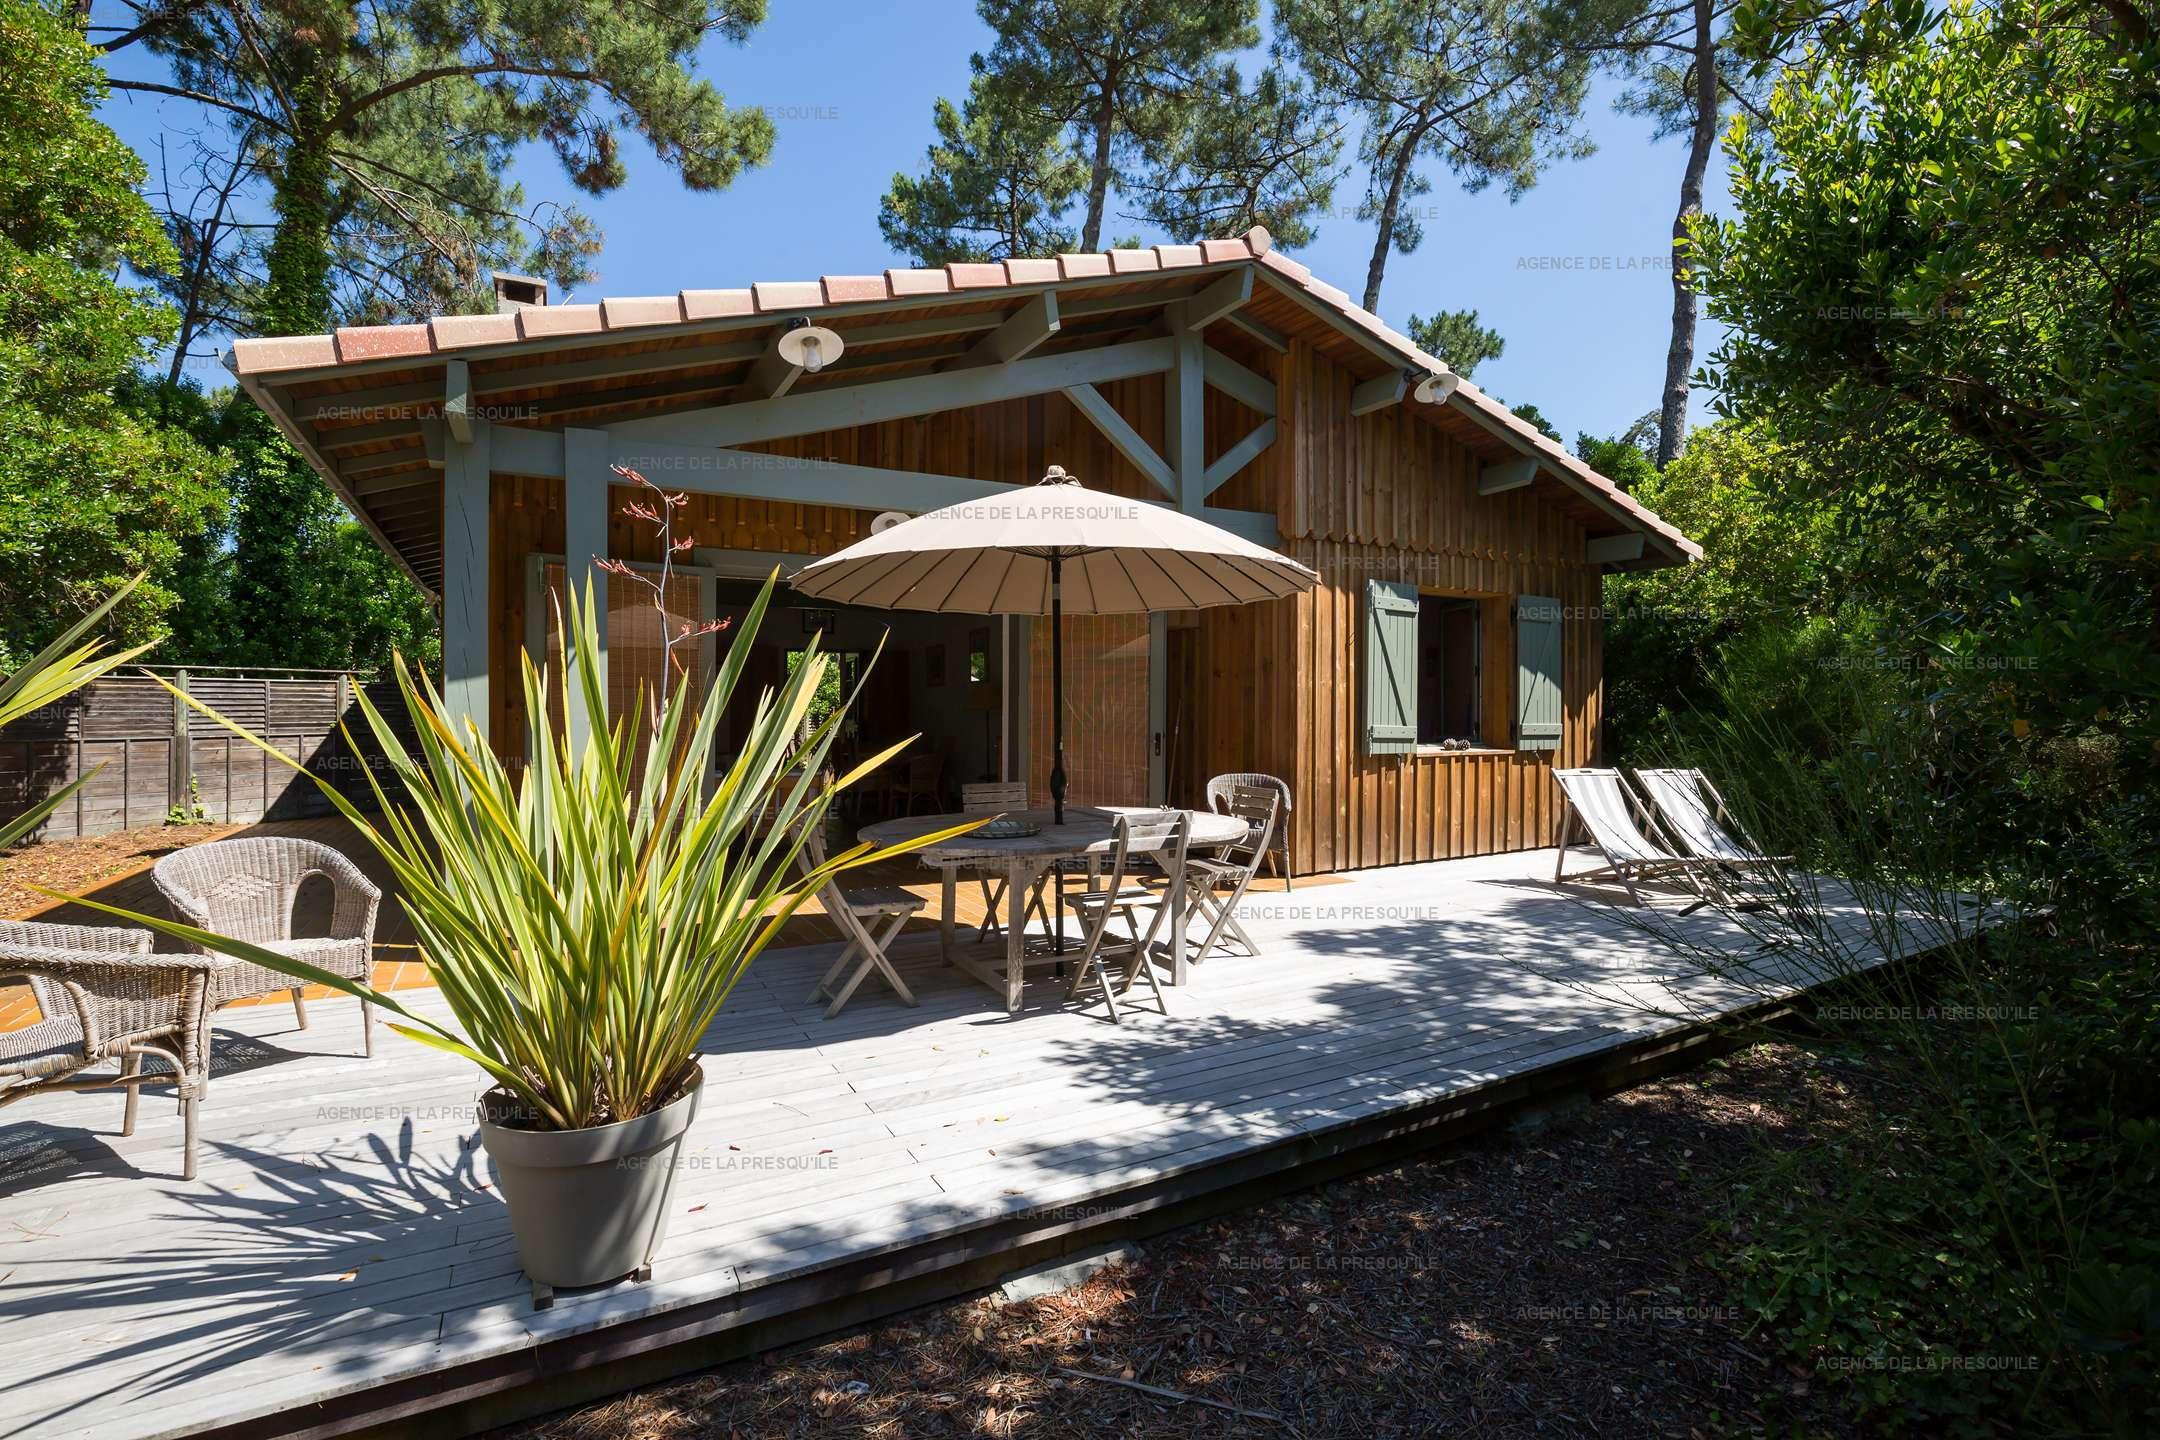 Location: Très agréable villa située au mimbeau 2